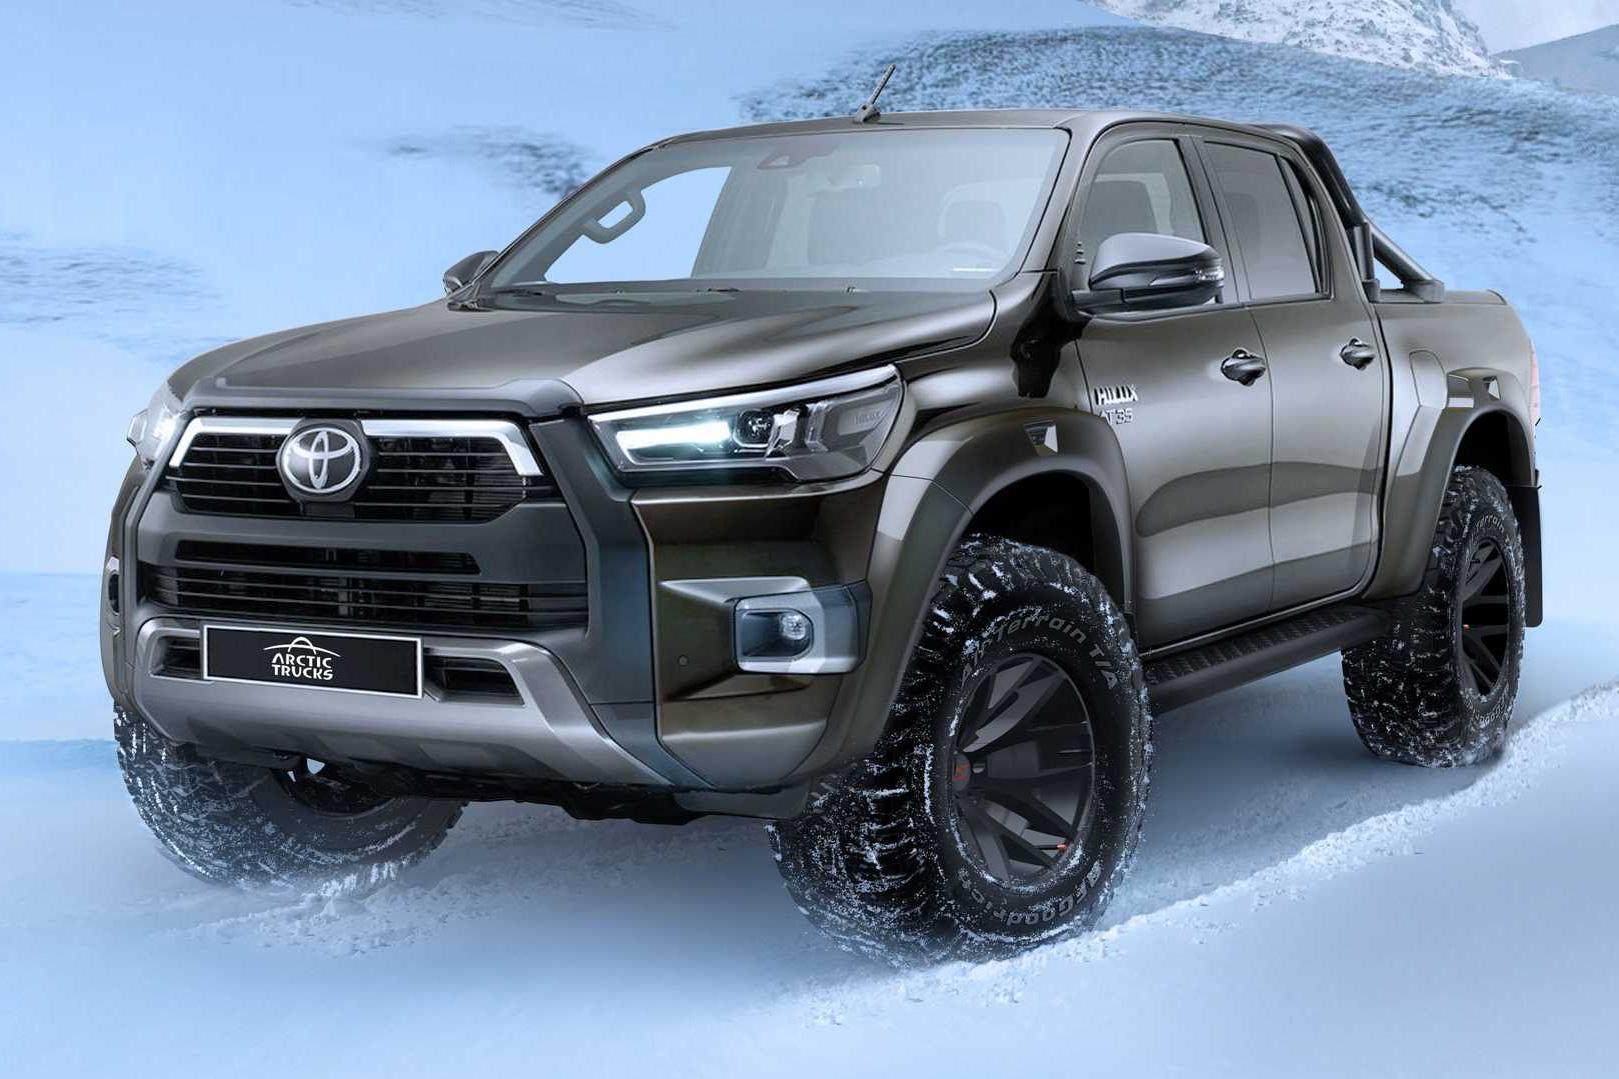 Toyota Hilux có thêm bản giới hạn: Sẵn sàng đấu Ford Ranger Raptor bằng nhiều đồ hiệu xịn xò